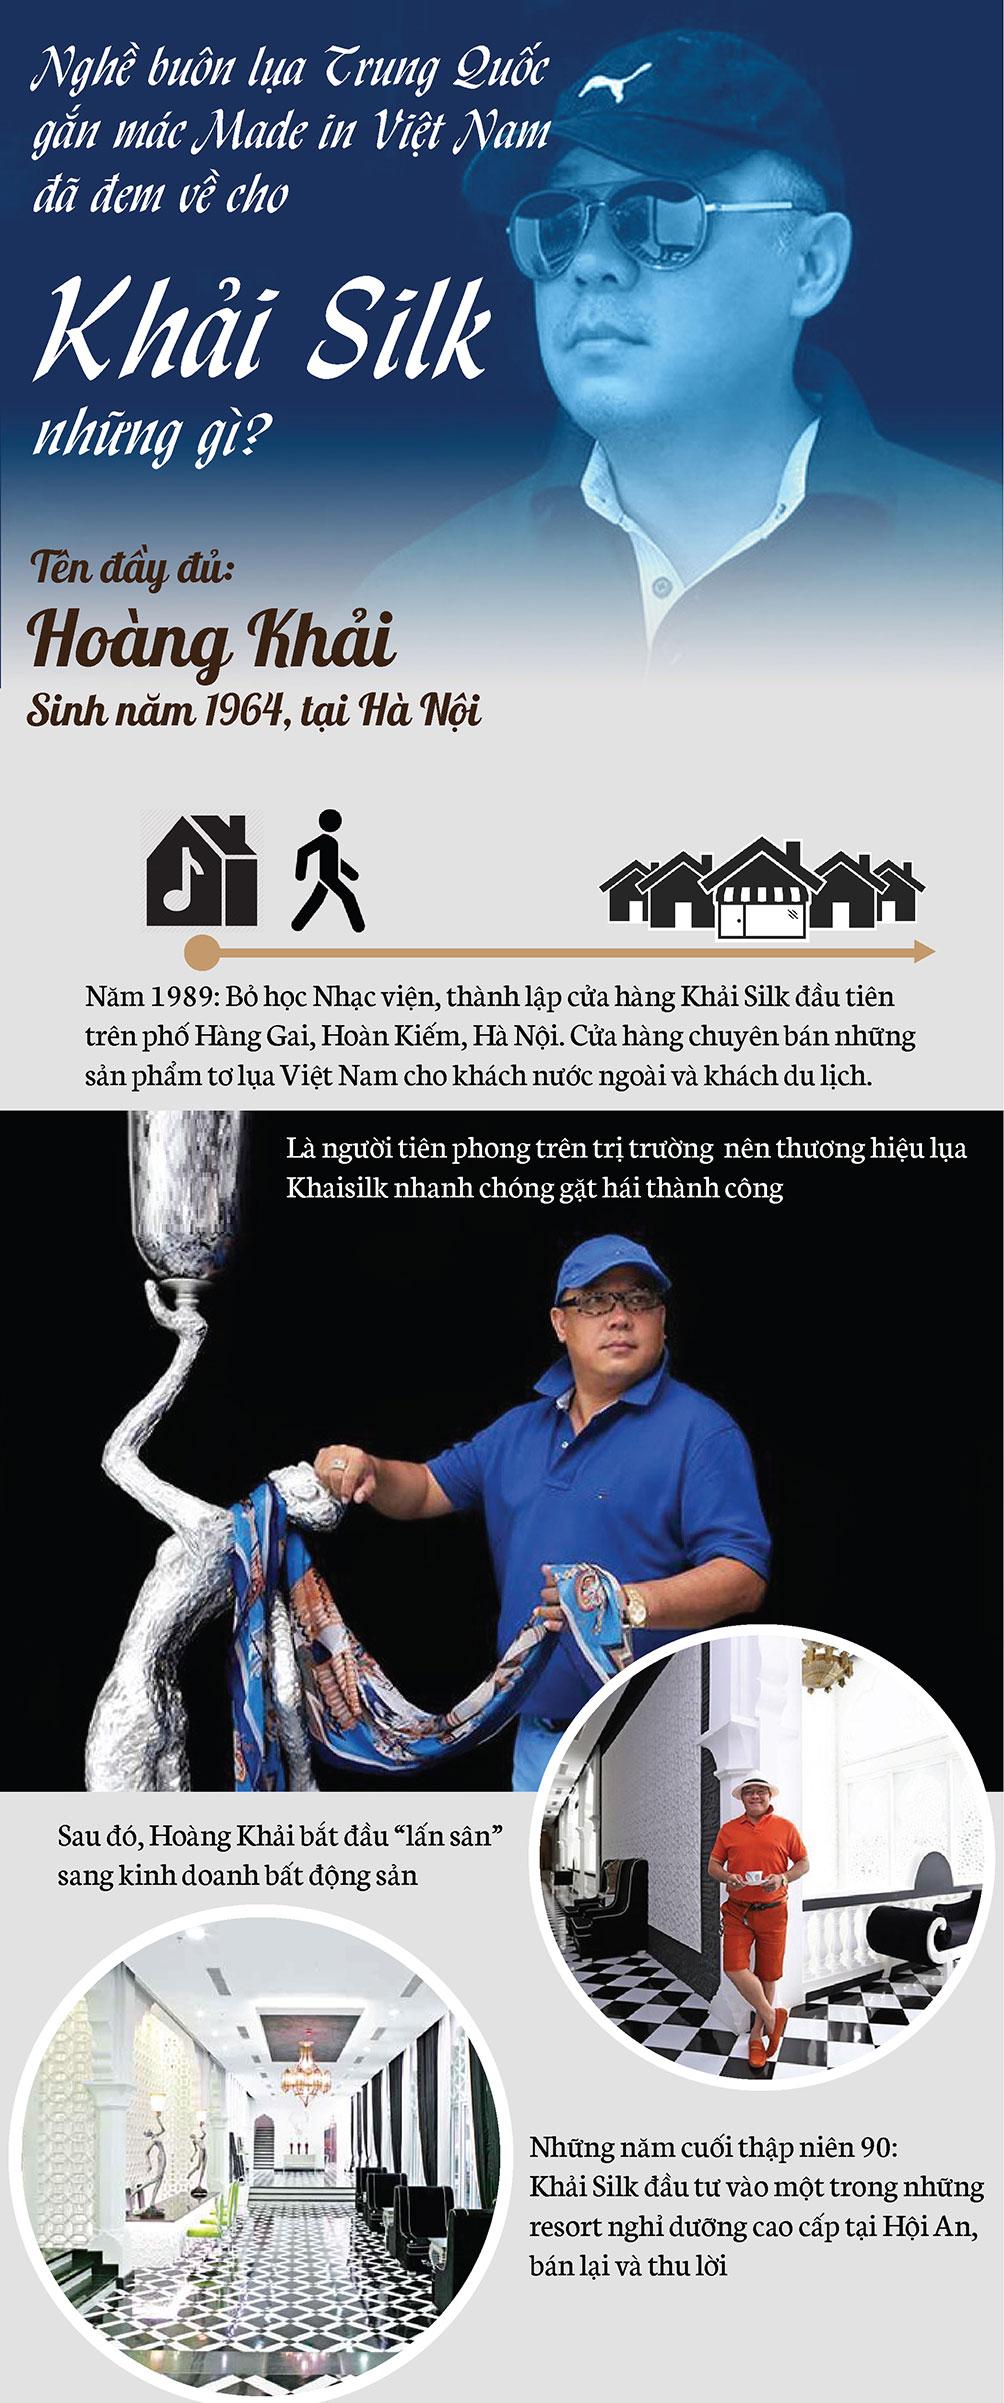 Nghề buôn lụa Trung Quốc gắn mác Made in Việt Nam đã đem về cho Khải Silk những gì? - hình ảnh 1